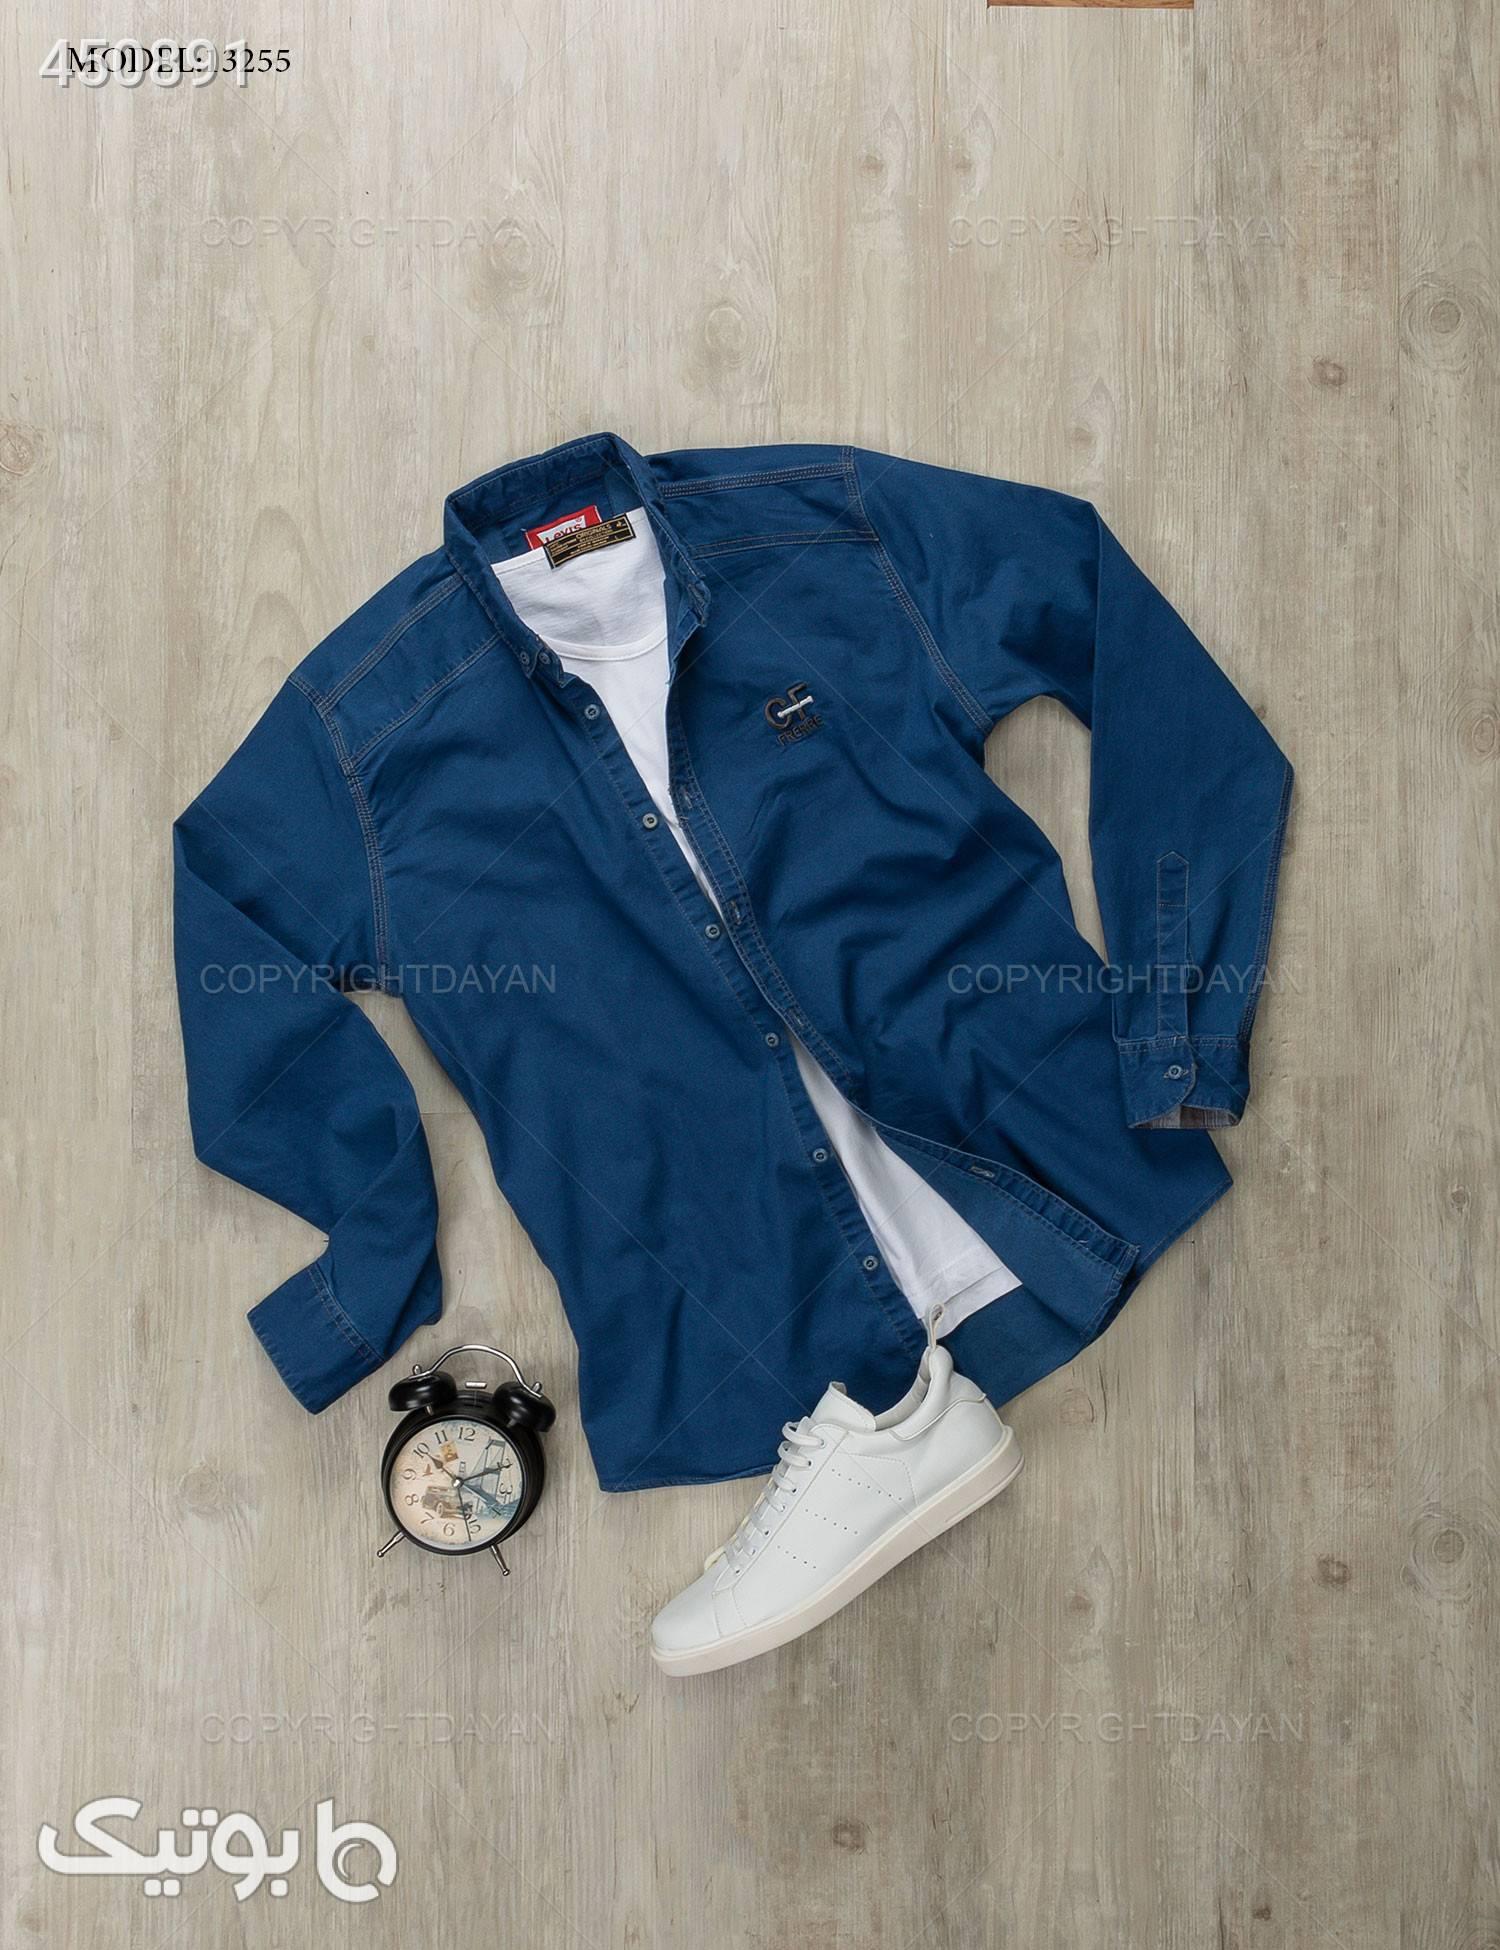 پیراهن مردانه Benson  مدل 13255 آبی پيراهن مردانه